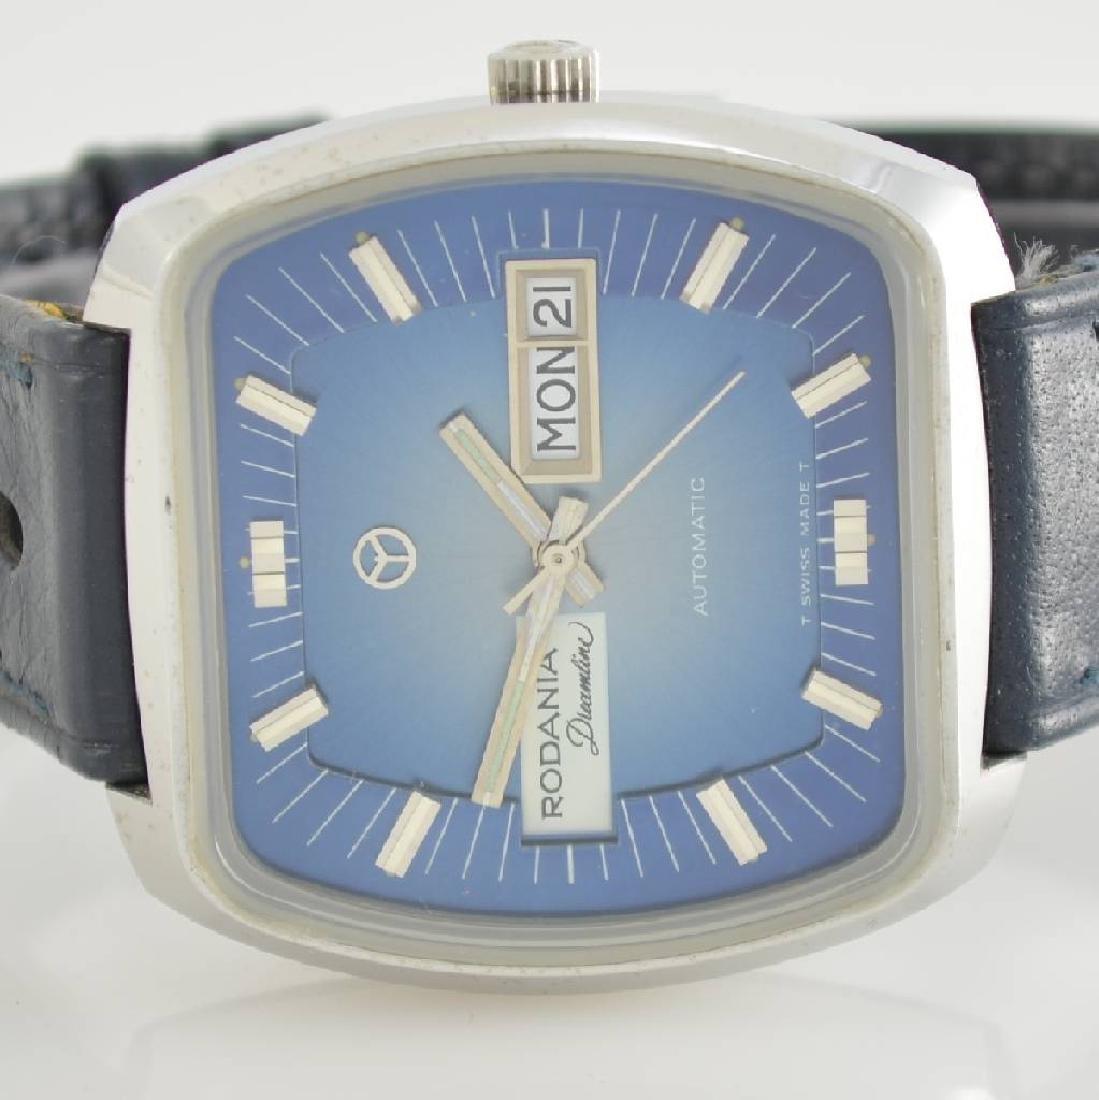 RODANIA Dreamline gents wristwatch - 2